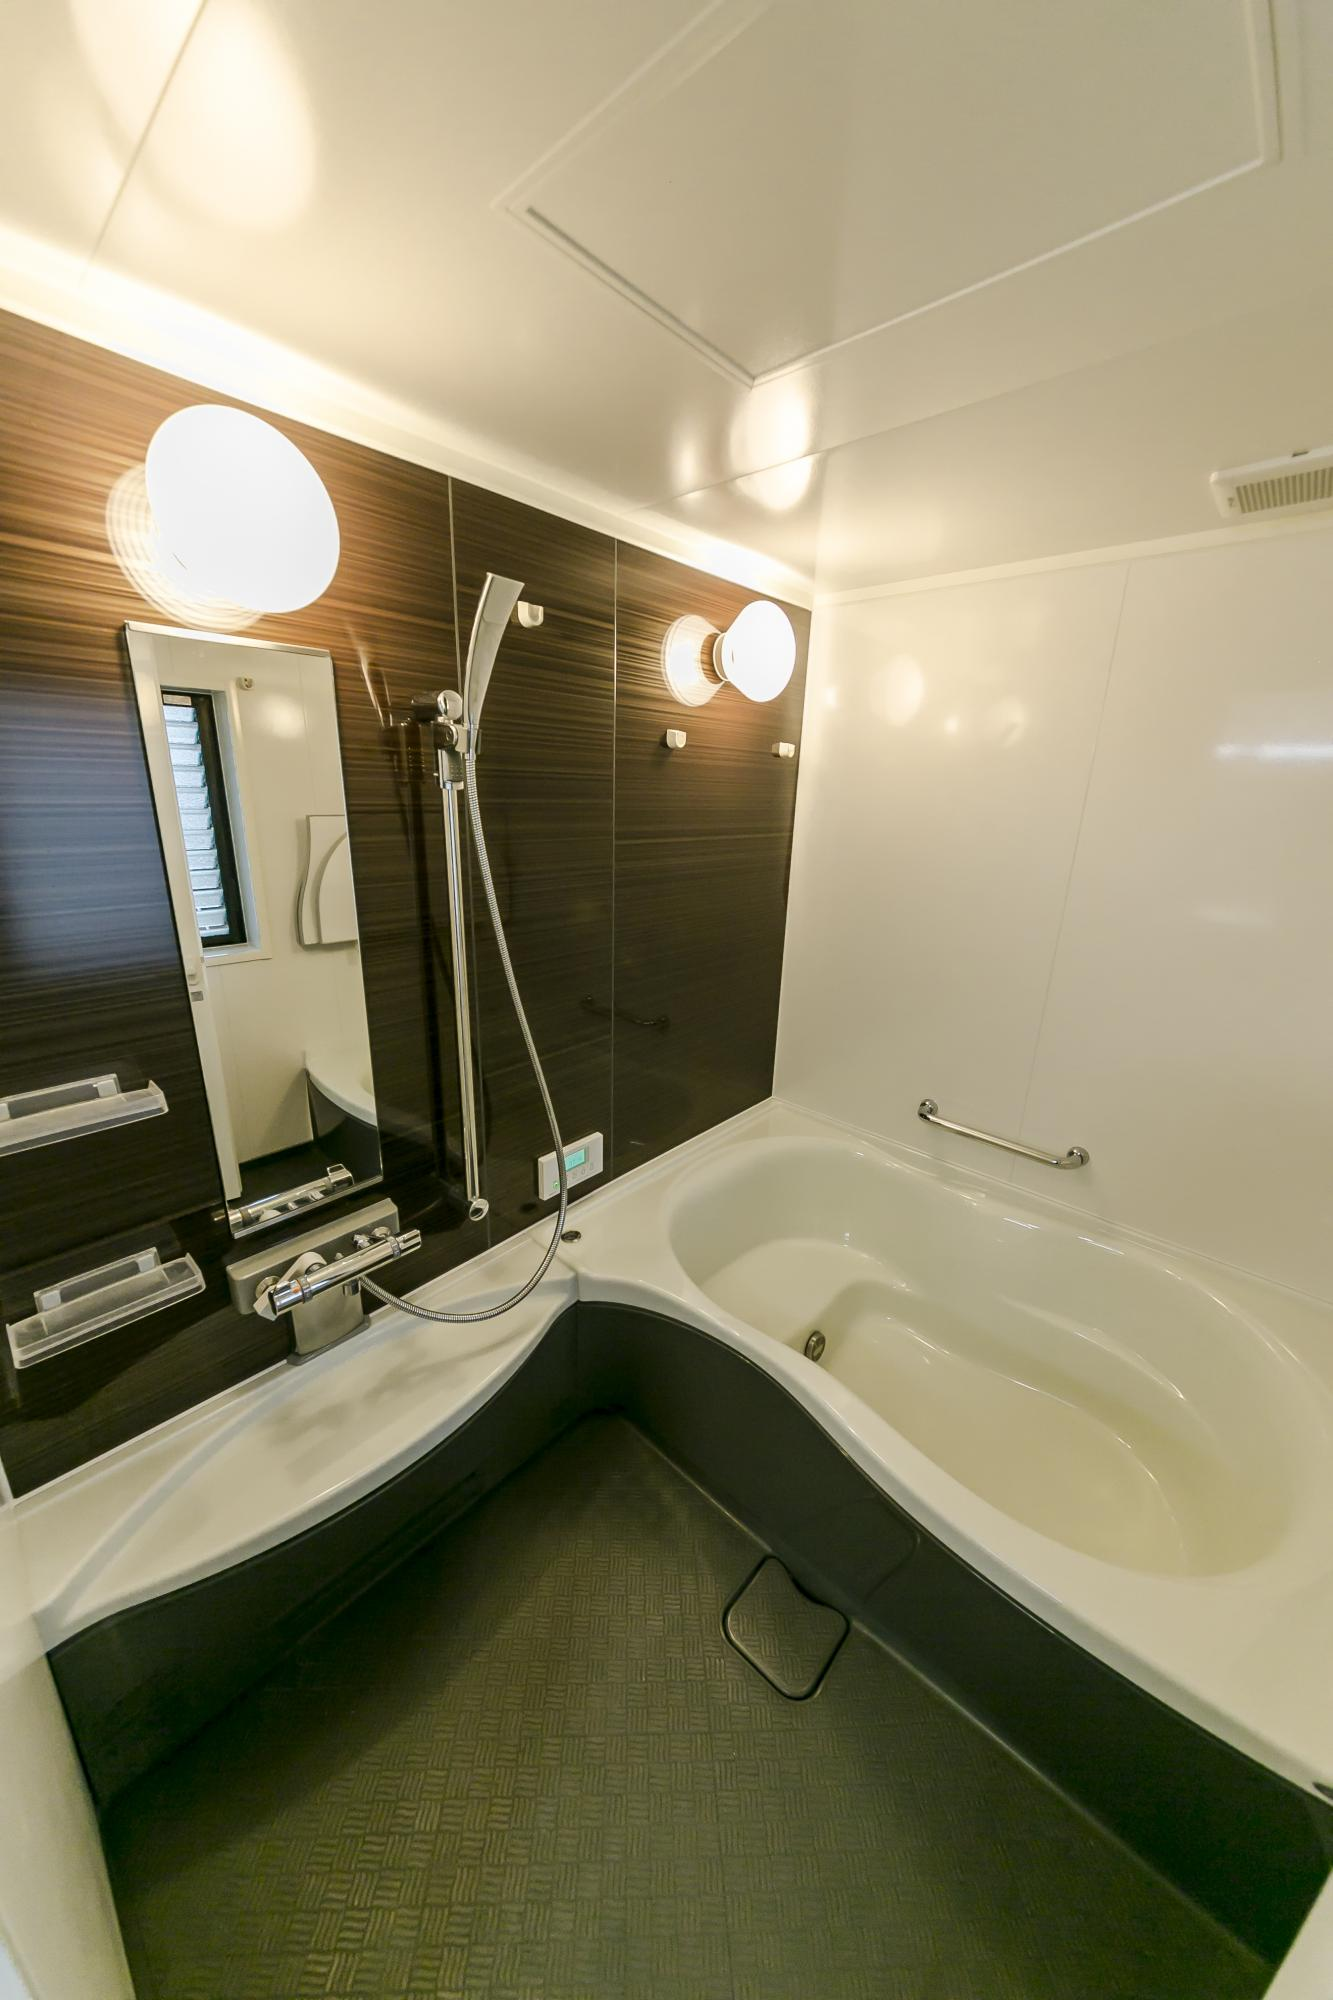 外にあった浴室は母屋に配置。広さも確保し、最新機能を備えたバスルームに。